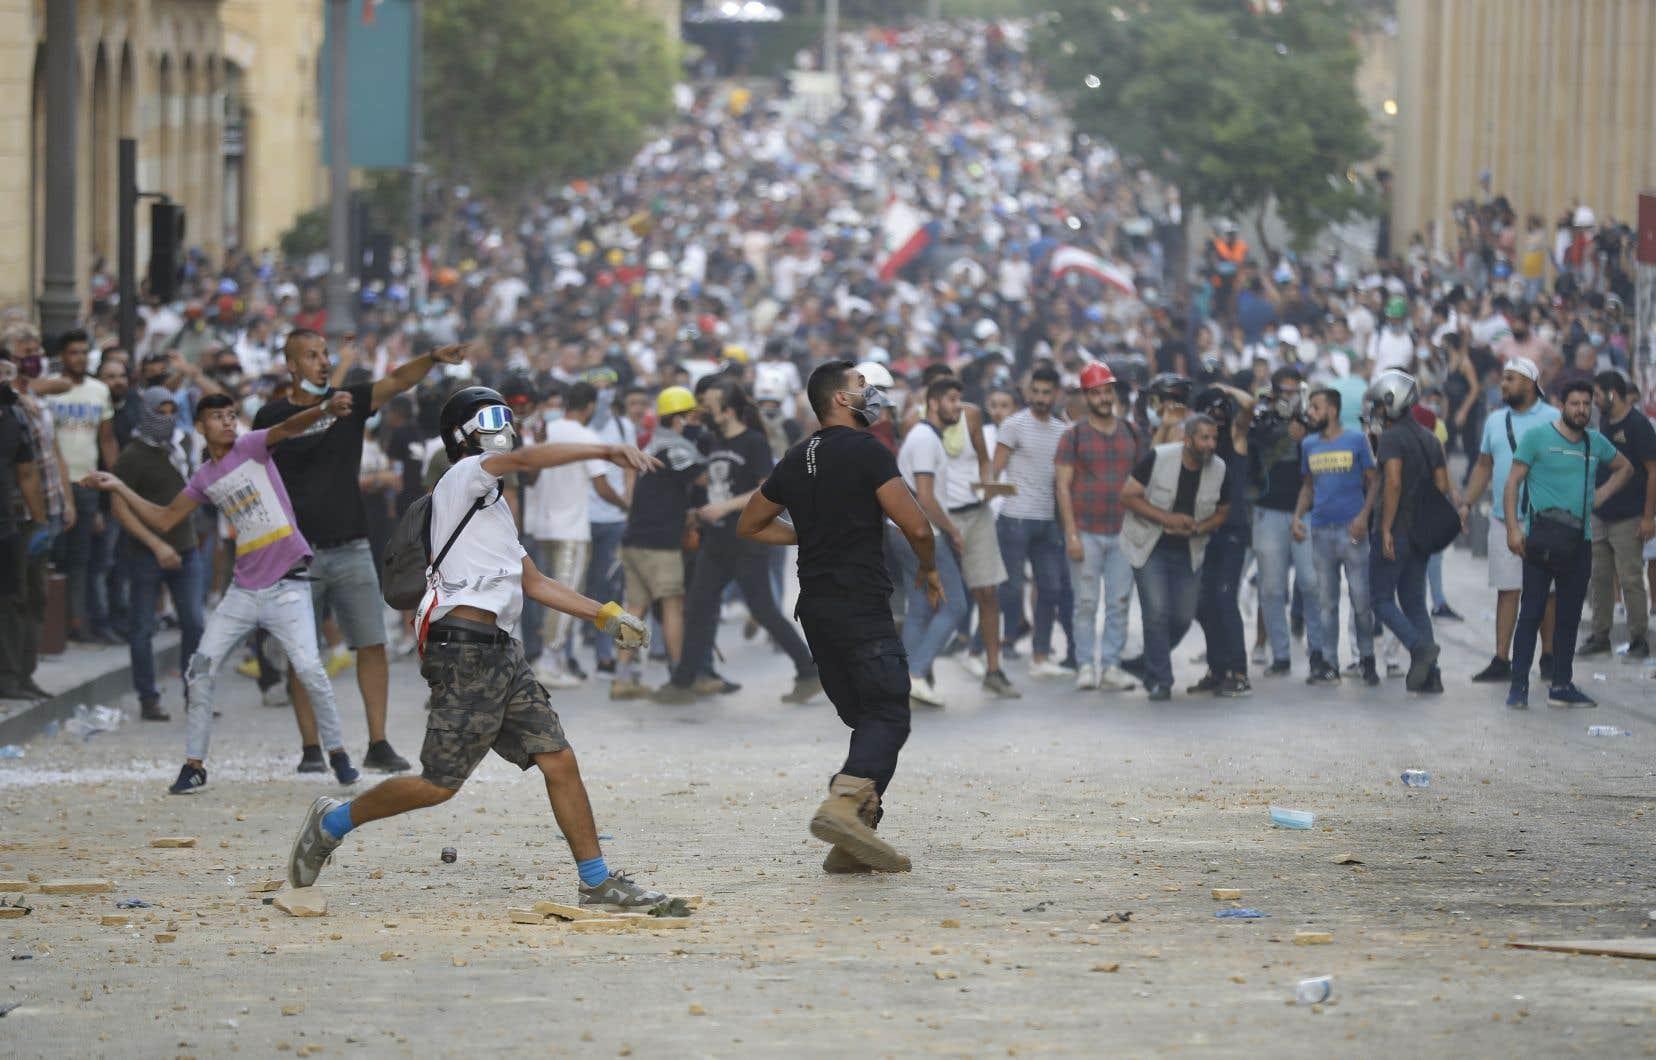 Des manifestants ont jeté des pierres et tiré des feux d'artifice en direction de la police, qui a répliqué avec des tirs de gaz lacrymogène.